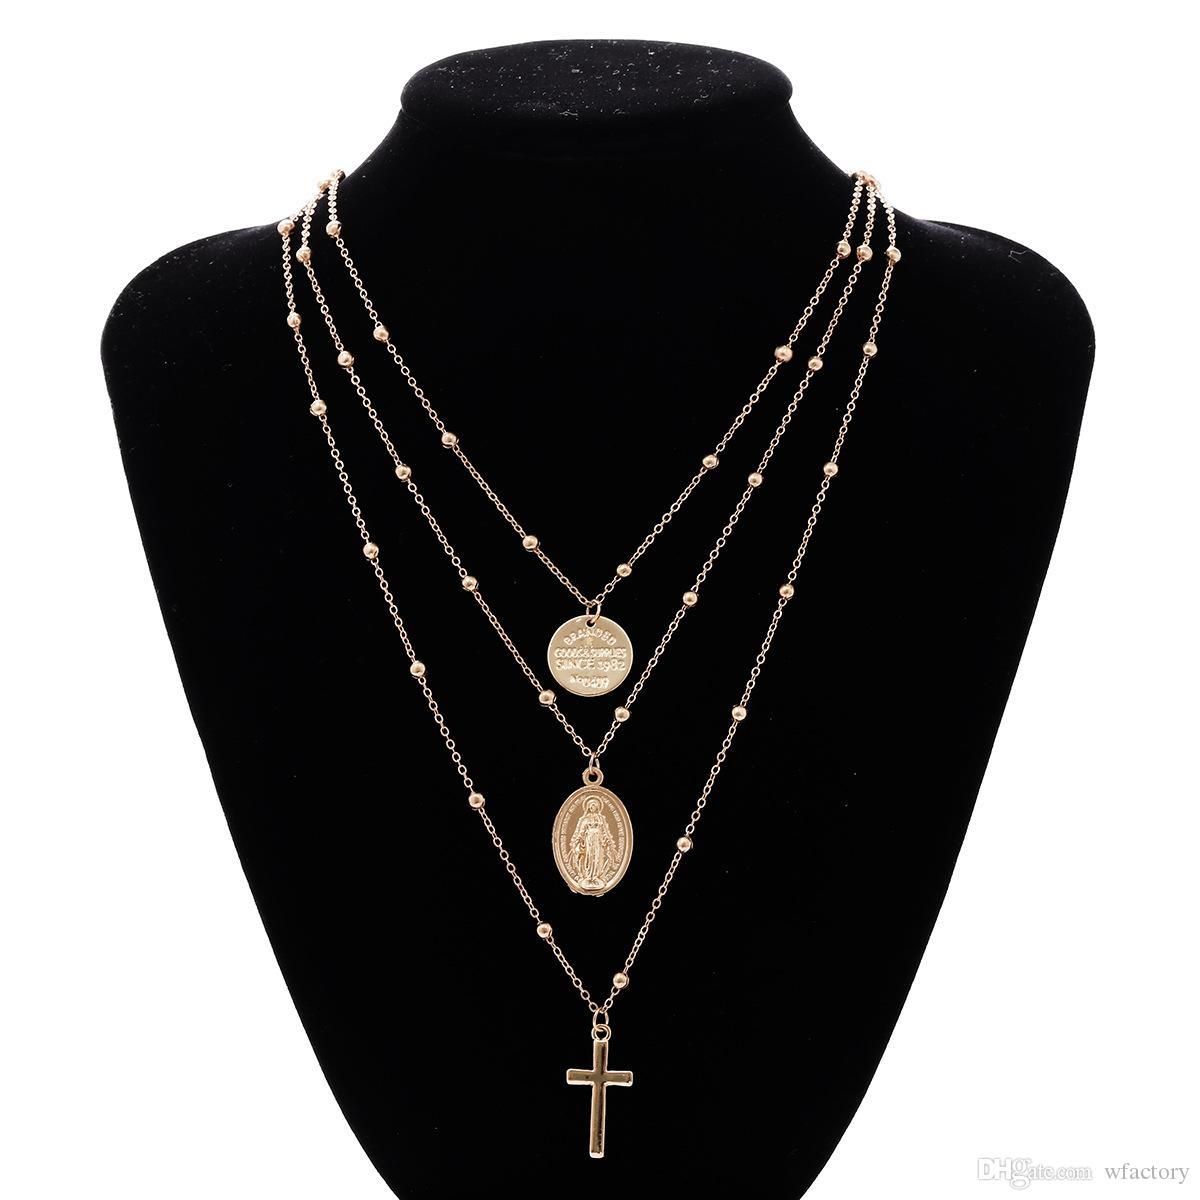 İsa Çapraz Katmanlı Kolye Kolye-Moda Katmanlı Charm Kolye Zincir Hediye Kadınlar Takı Için Altın Gümüş Ton